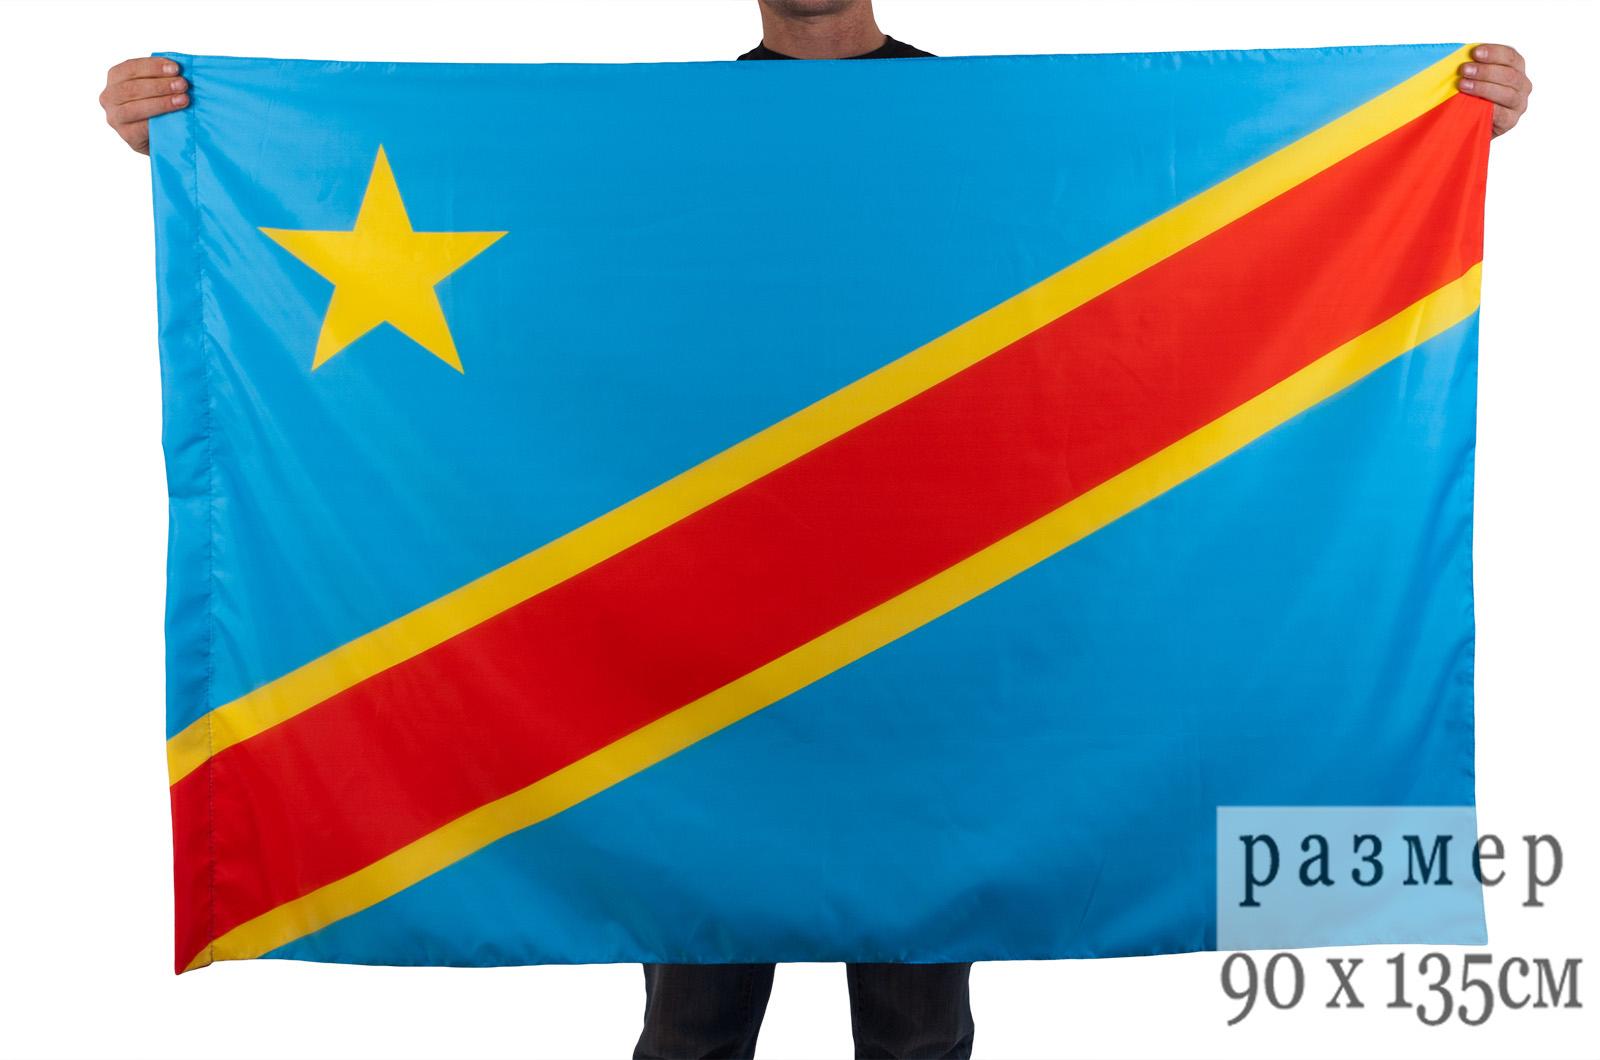 Флаг Демократической республики Конго, Купить государственный флаг